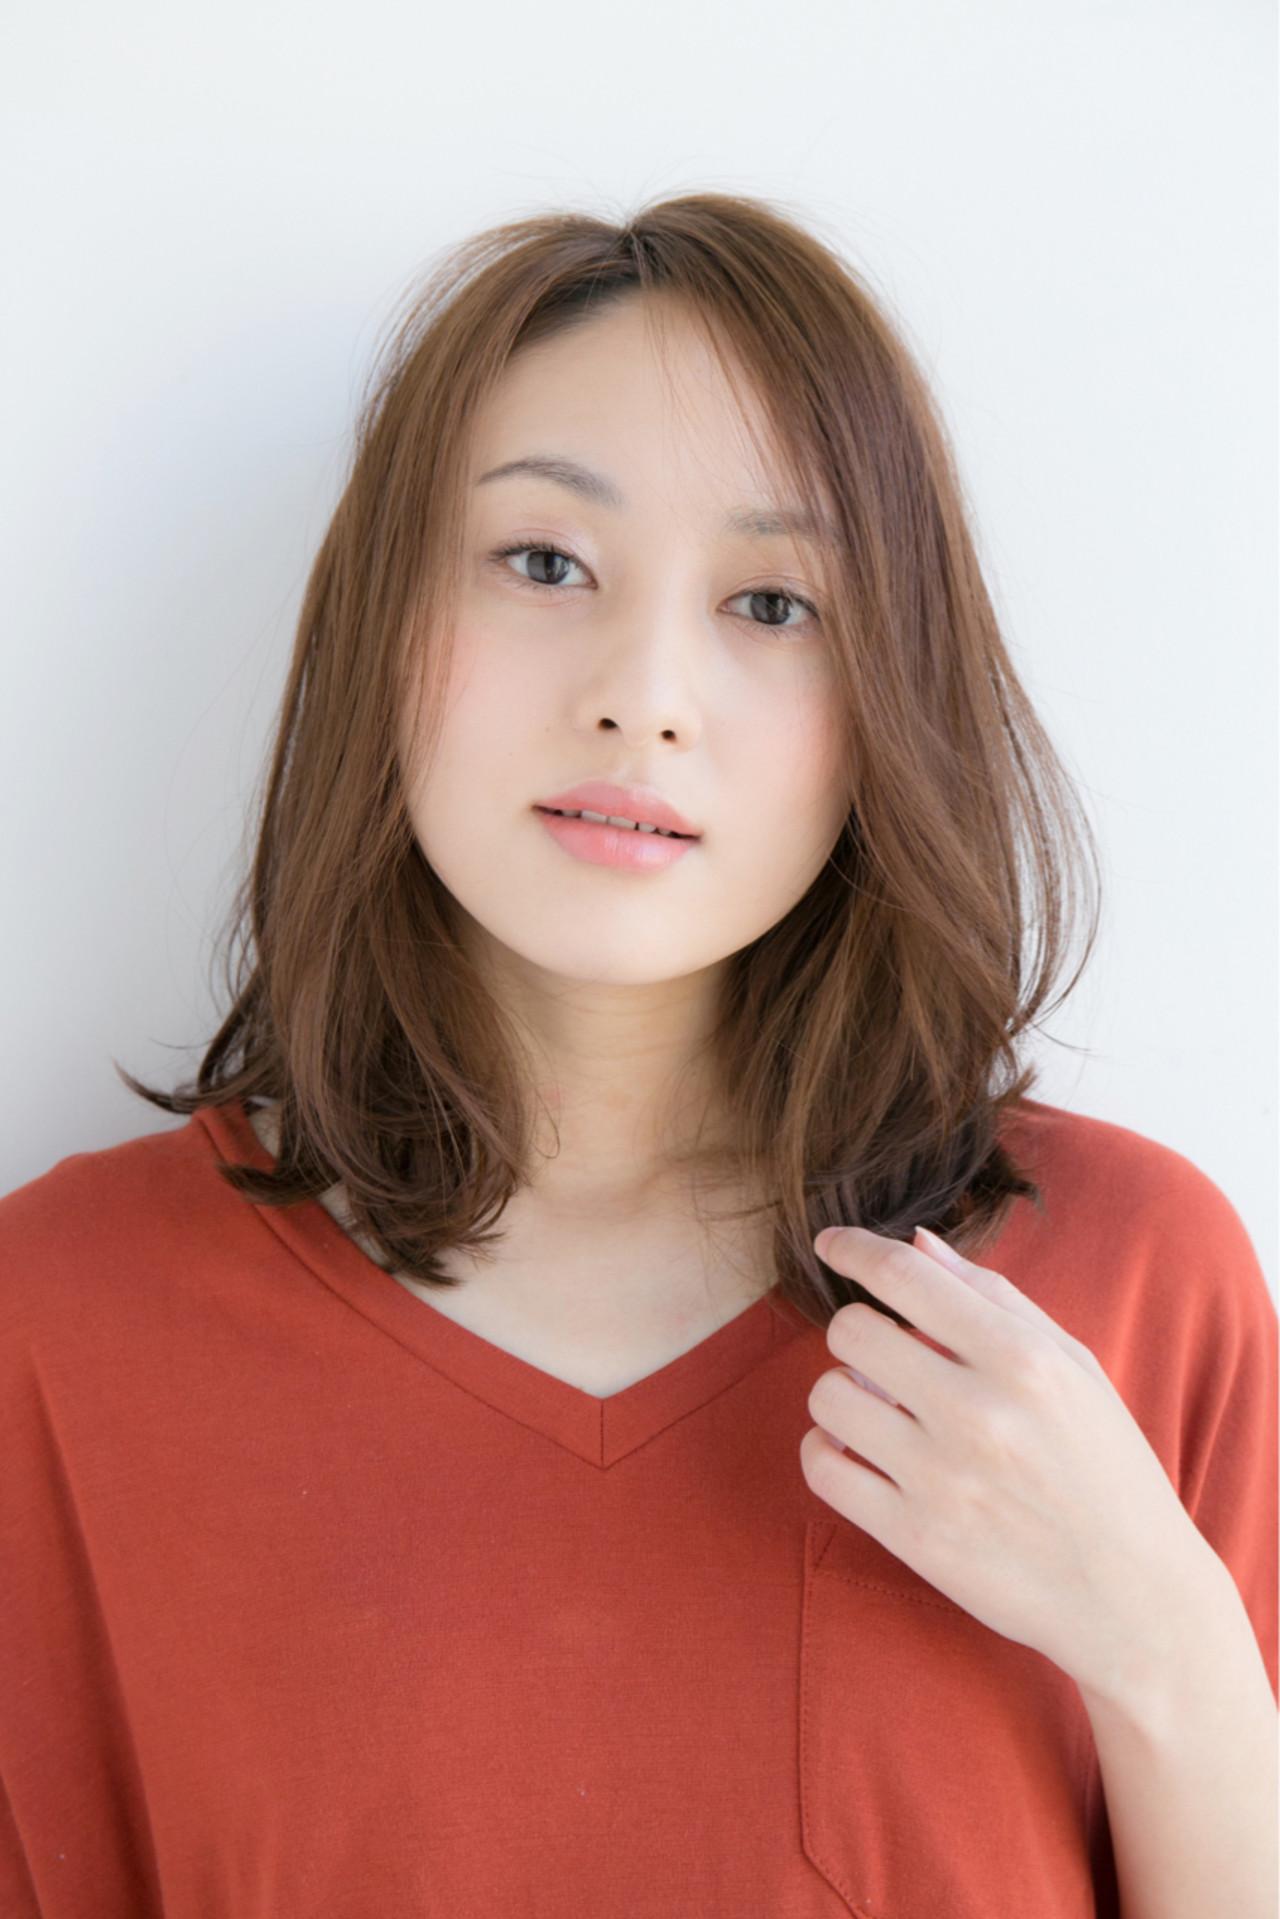 色気 デート ミディアム オフィス ヘアスタイルや髪型の写真・画像 | 松下哲史 / Ramie omotesando